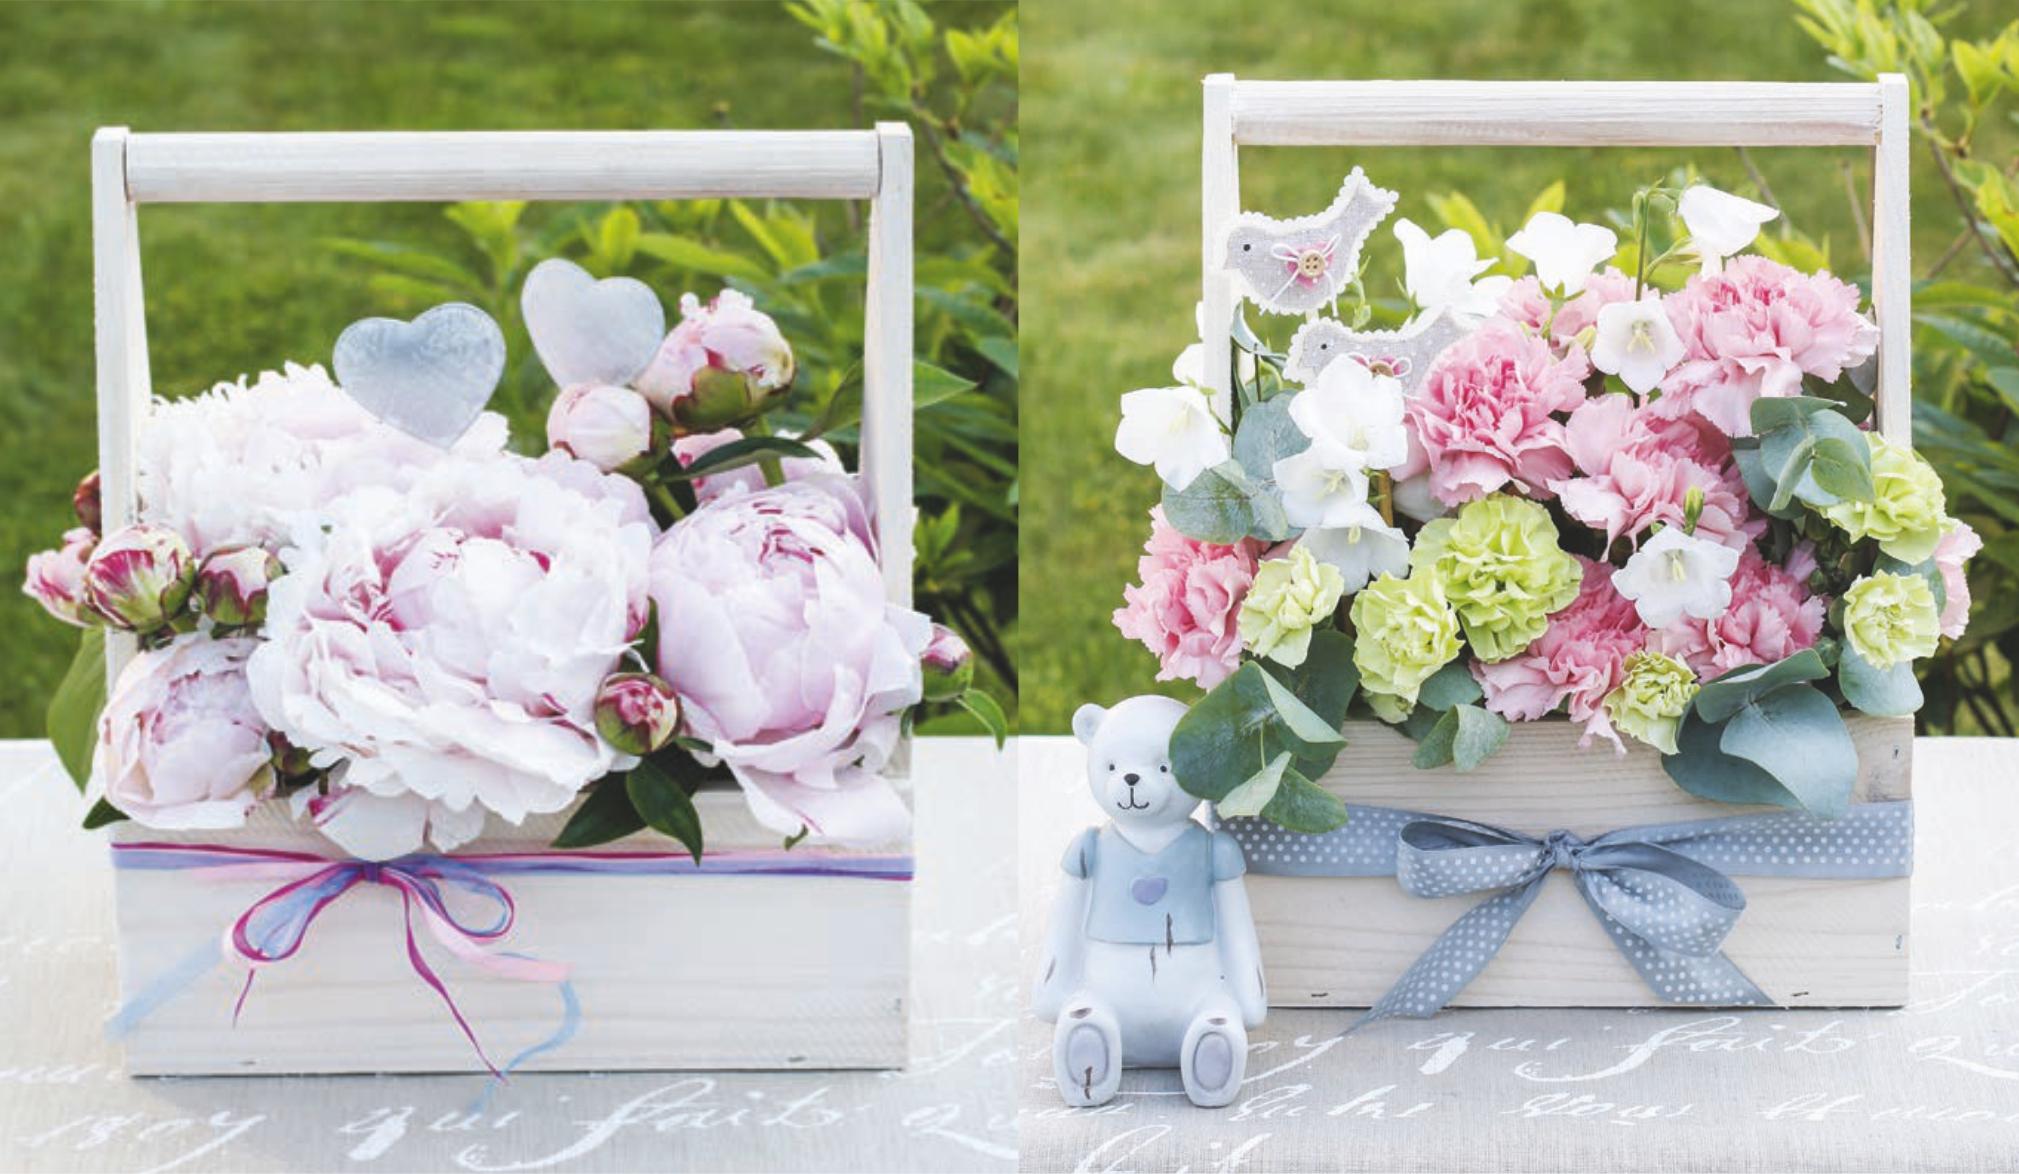 diy-czyli-zrob-to-sam-kwiatowy-bukiet-prezentowy